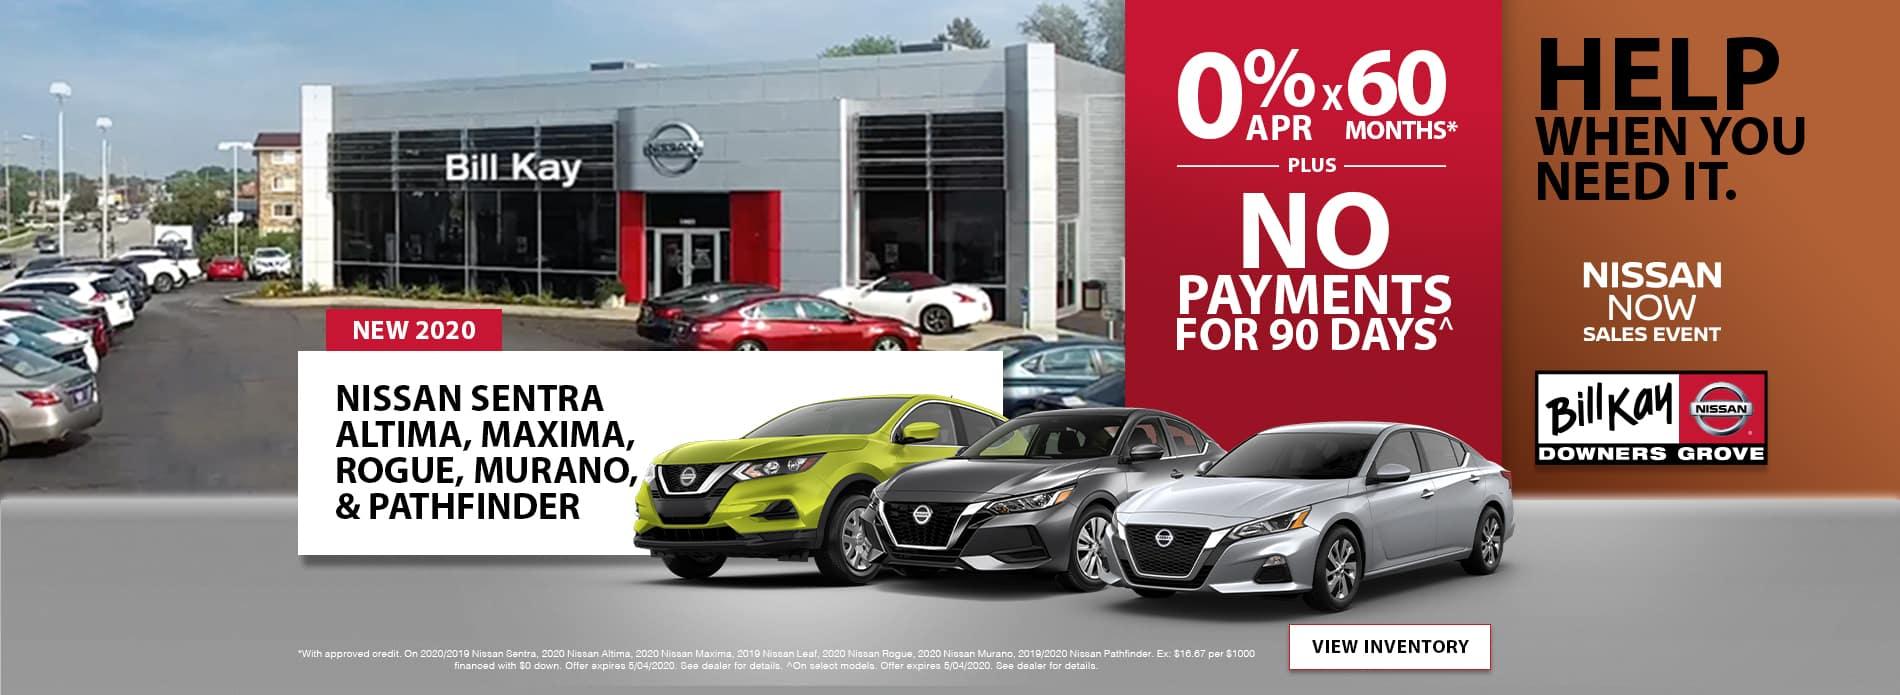 Bill Kay Nissan April Offers